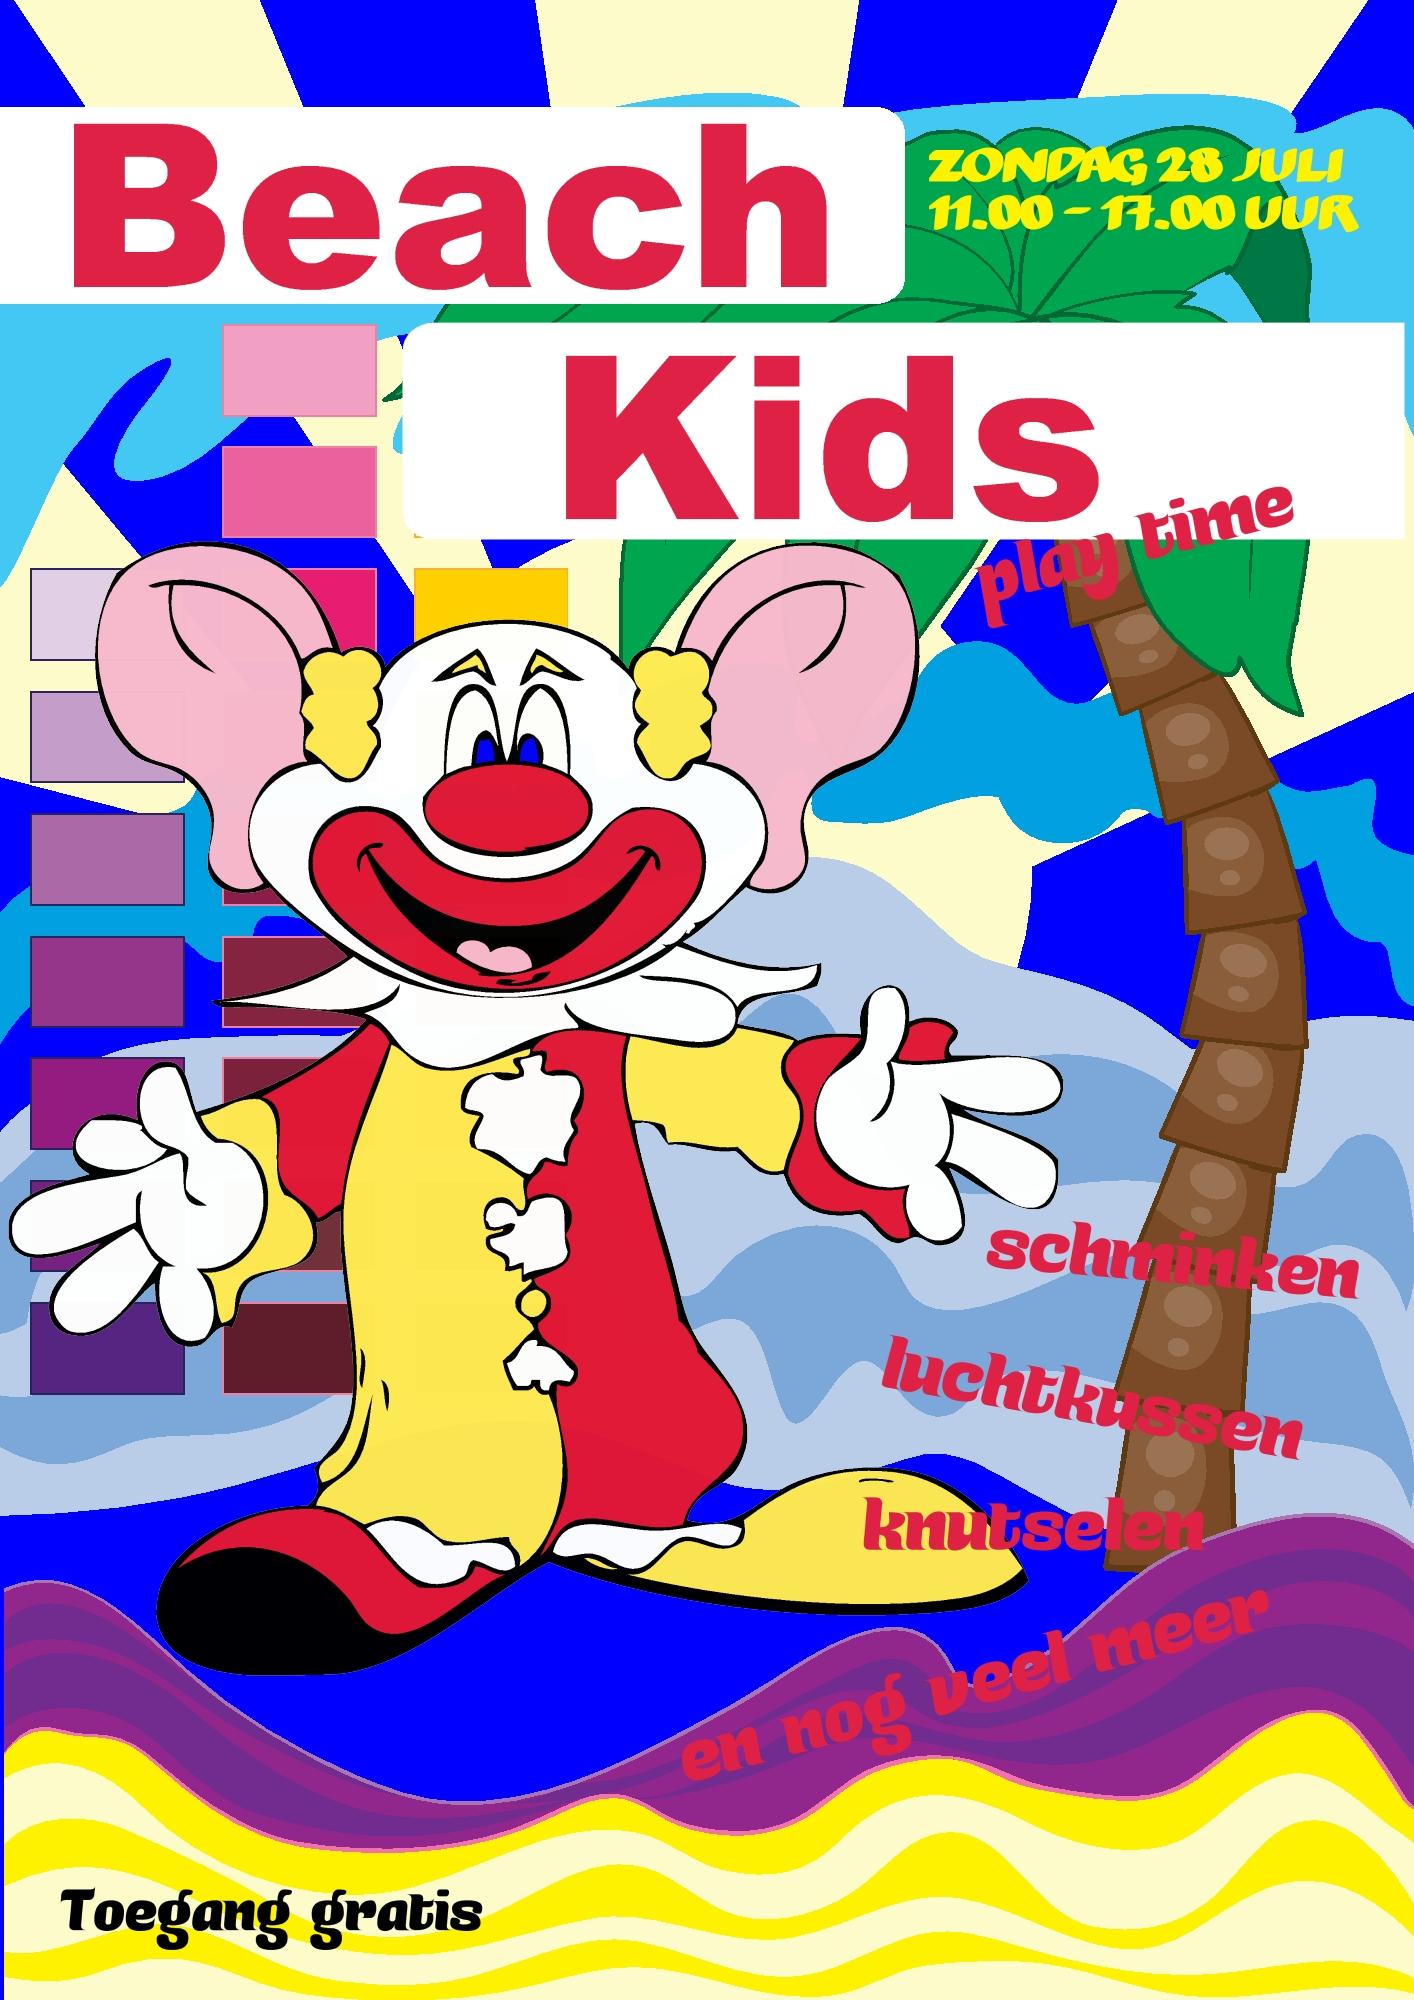 Beach Kids 2019 Strandhuis De Golfslag